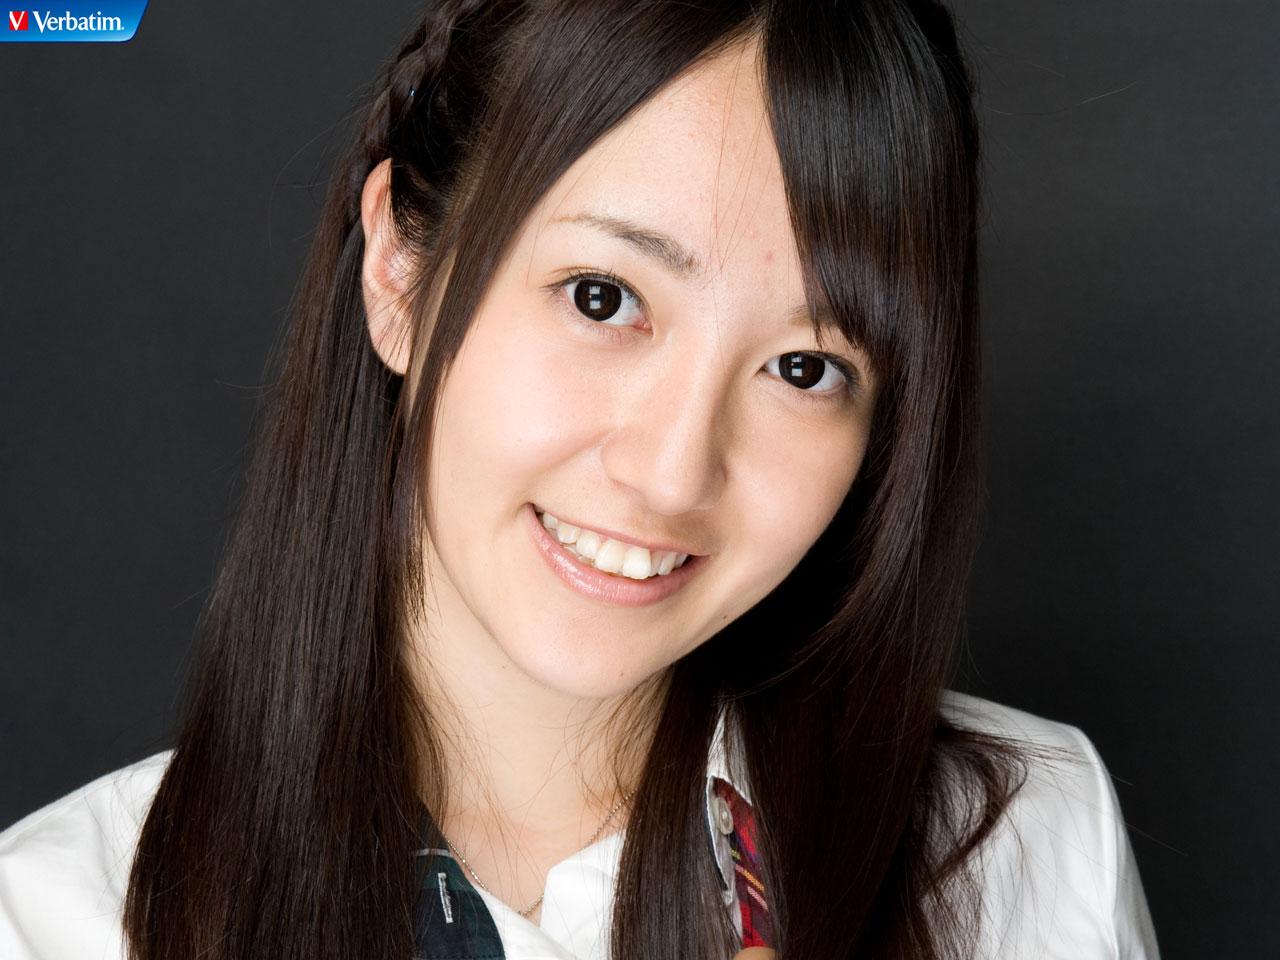 AKB48 佐藤亜美菜 セクシー 顔アップ 笑顔 カメラ目線 高画質 エロかわいい画像